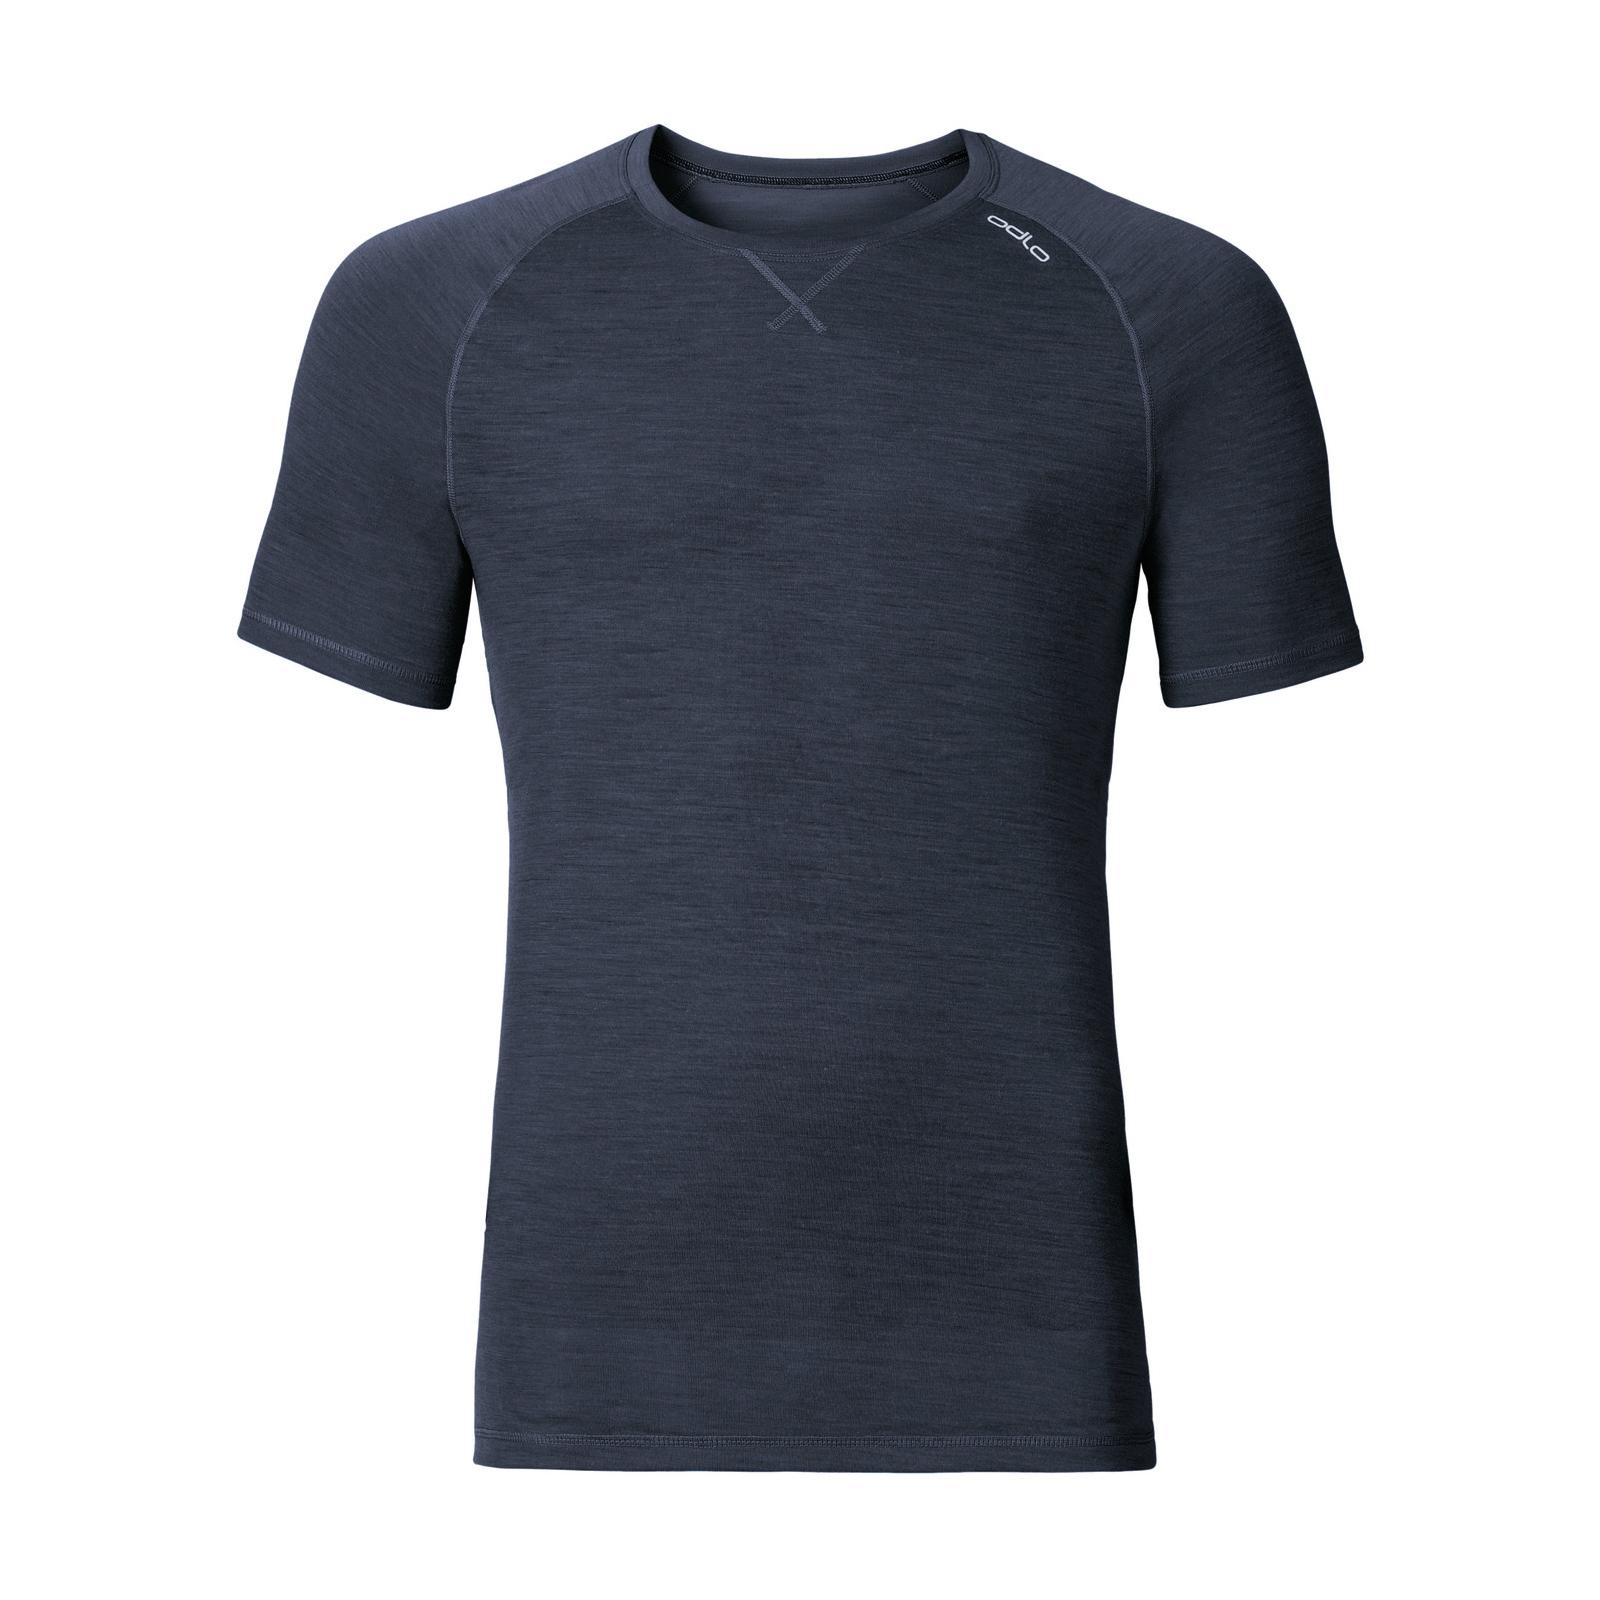 Odlo Revolution Lite S/S Shirt | Navy Melange